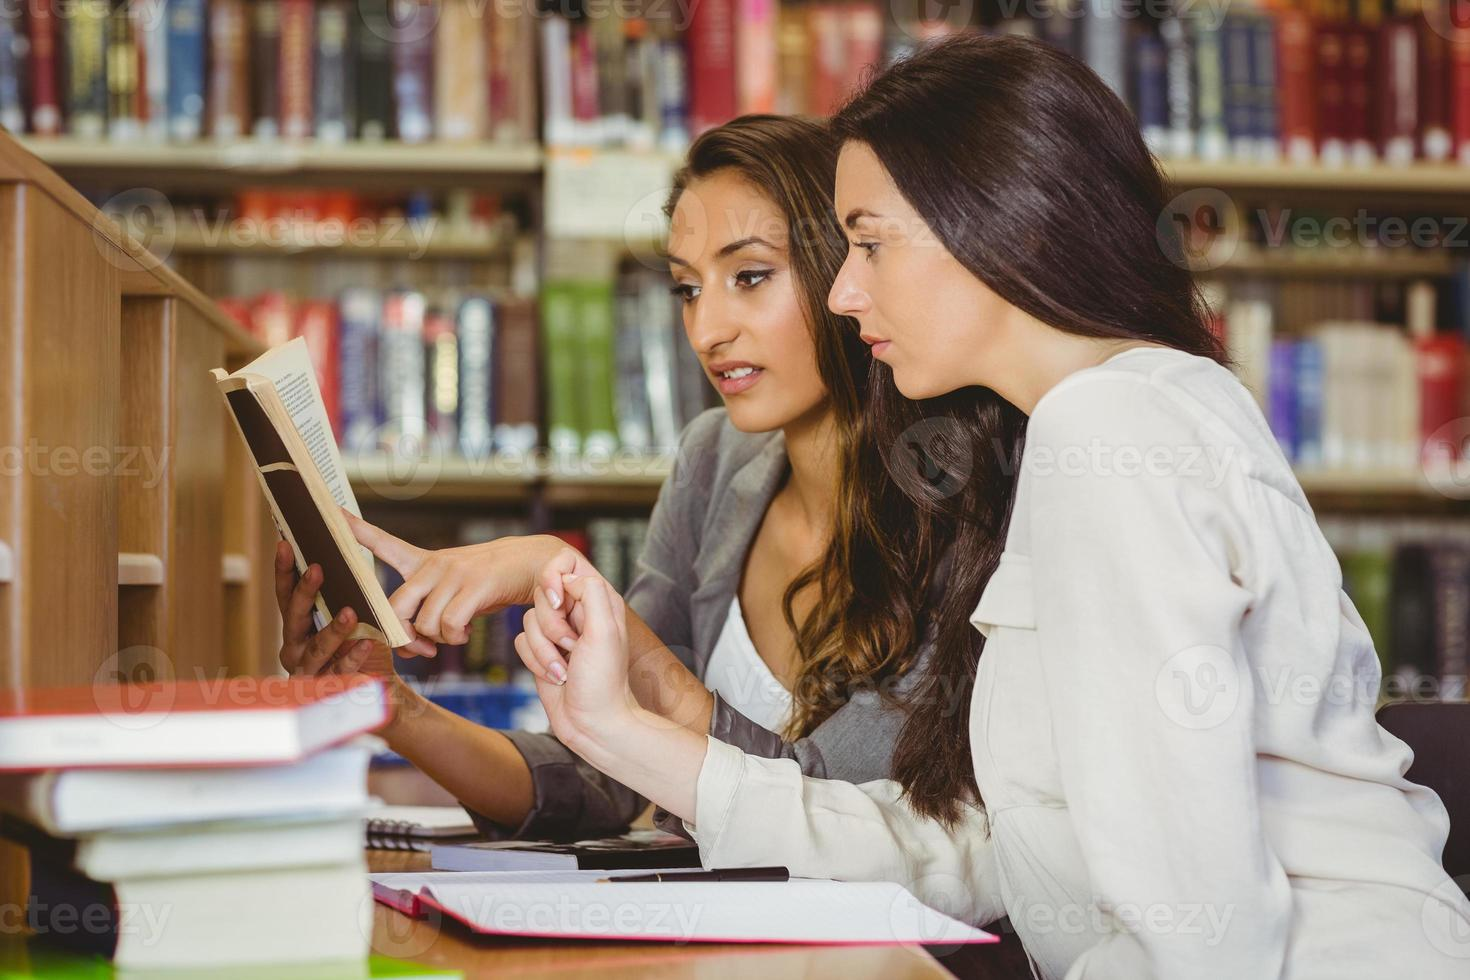 studente che mostra qualcosa al suo compagno di classe nel libro foto